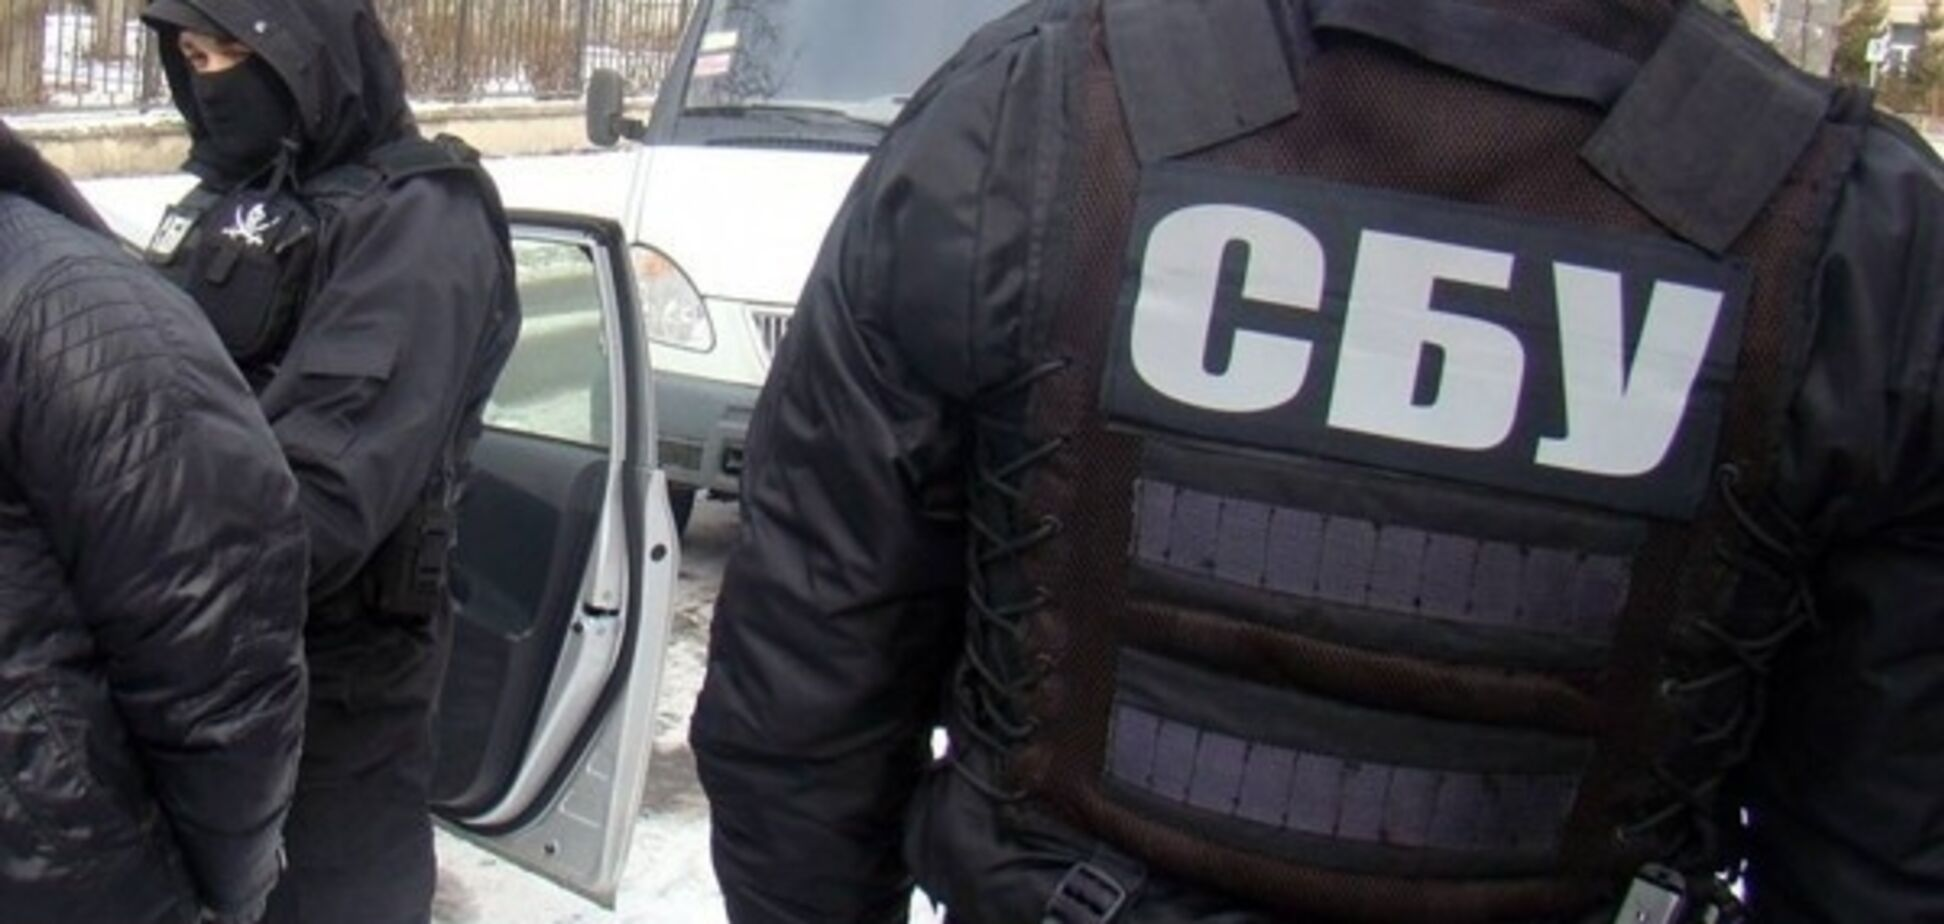 Втік до РФ: СБУ затримала фігуранта справи щодо розкрадання 510 млн у Нацбанку